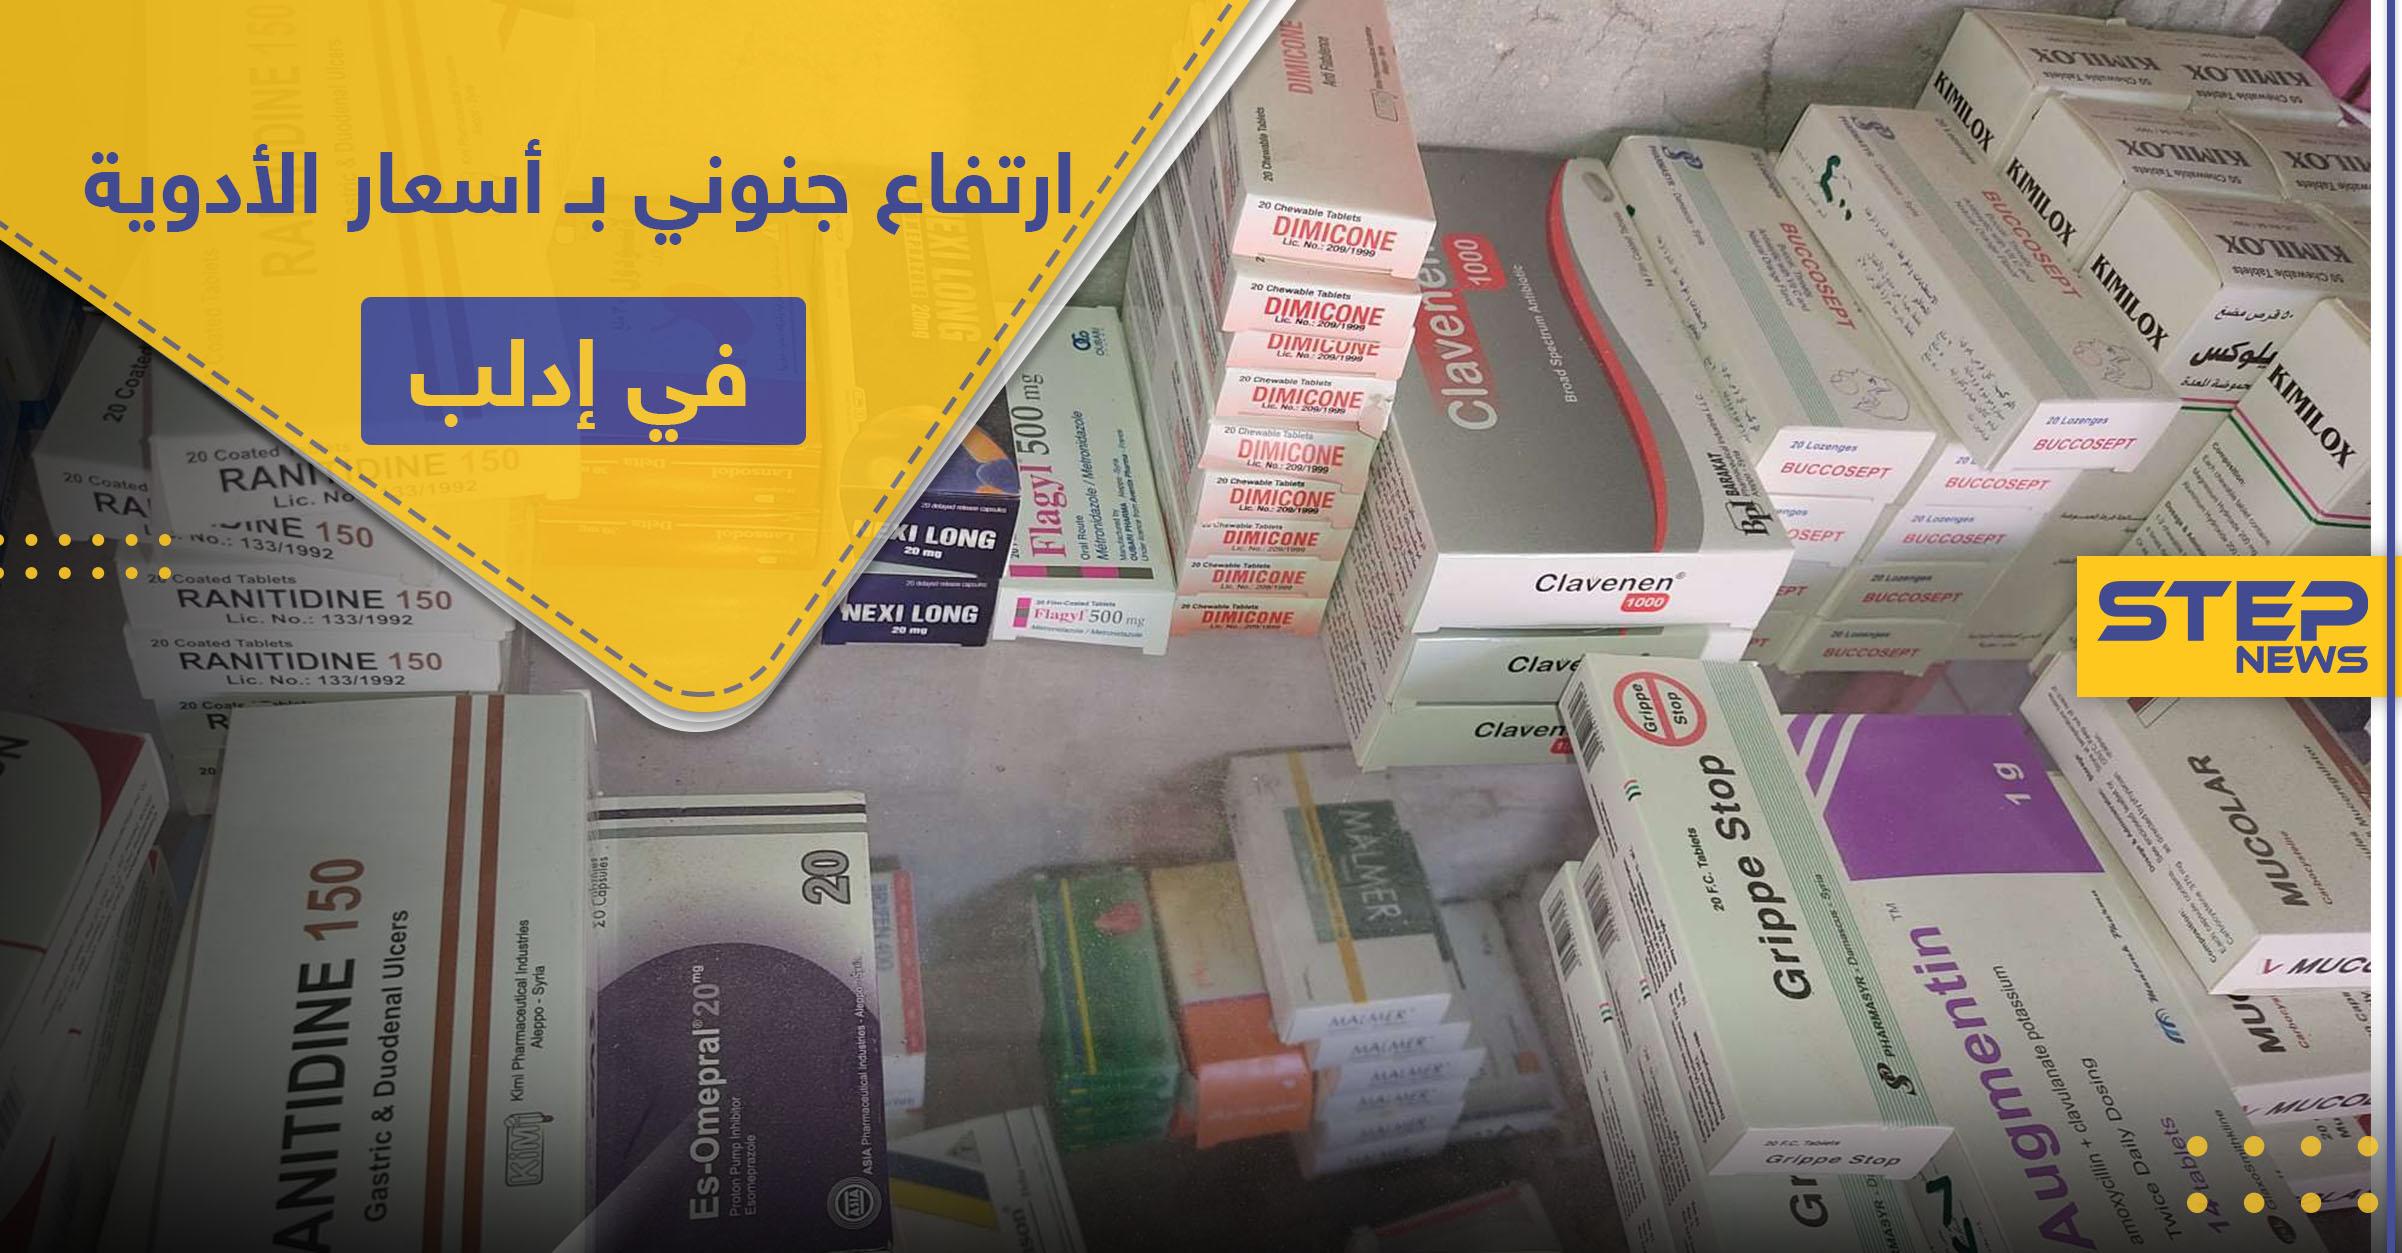 ارتفاع جنوني بـ أسعار الأدوية في إدلب..